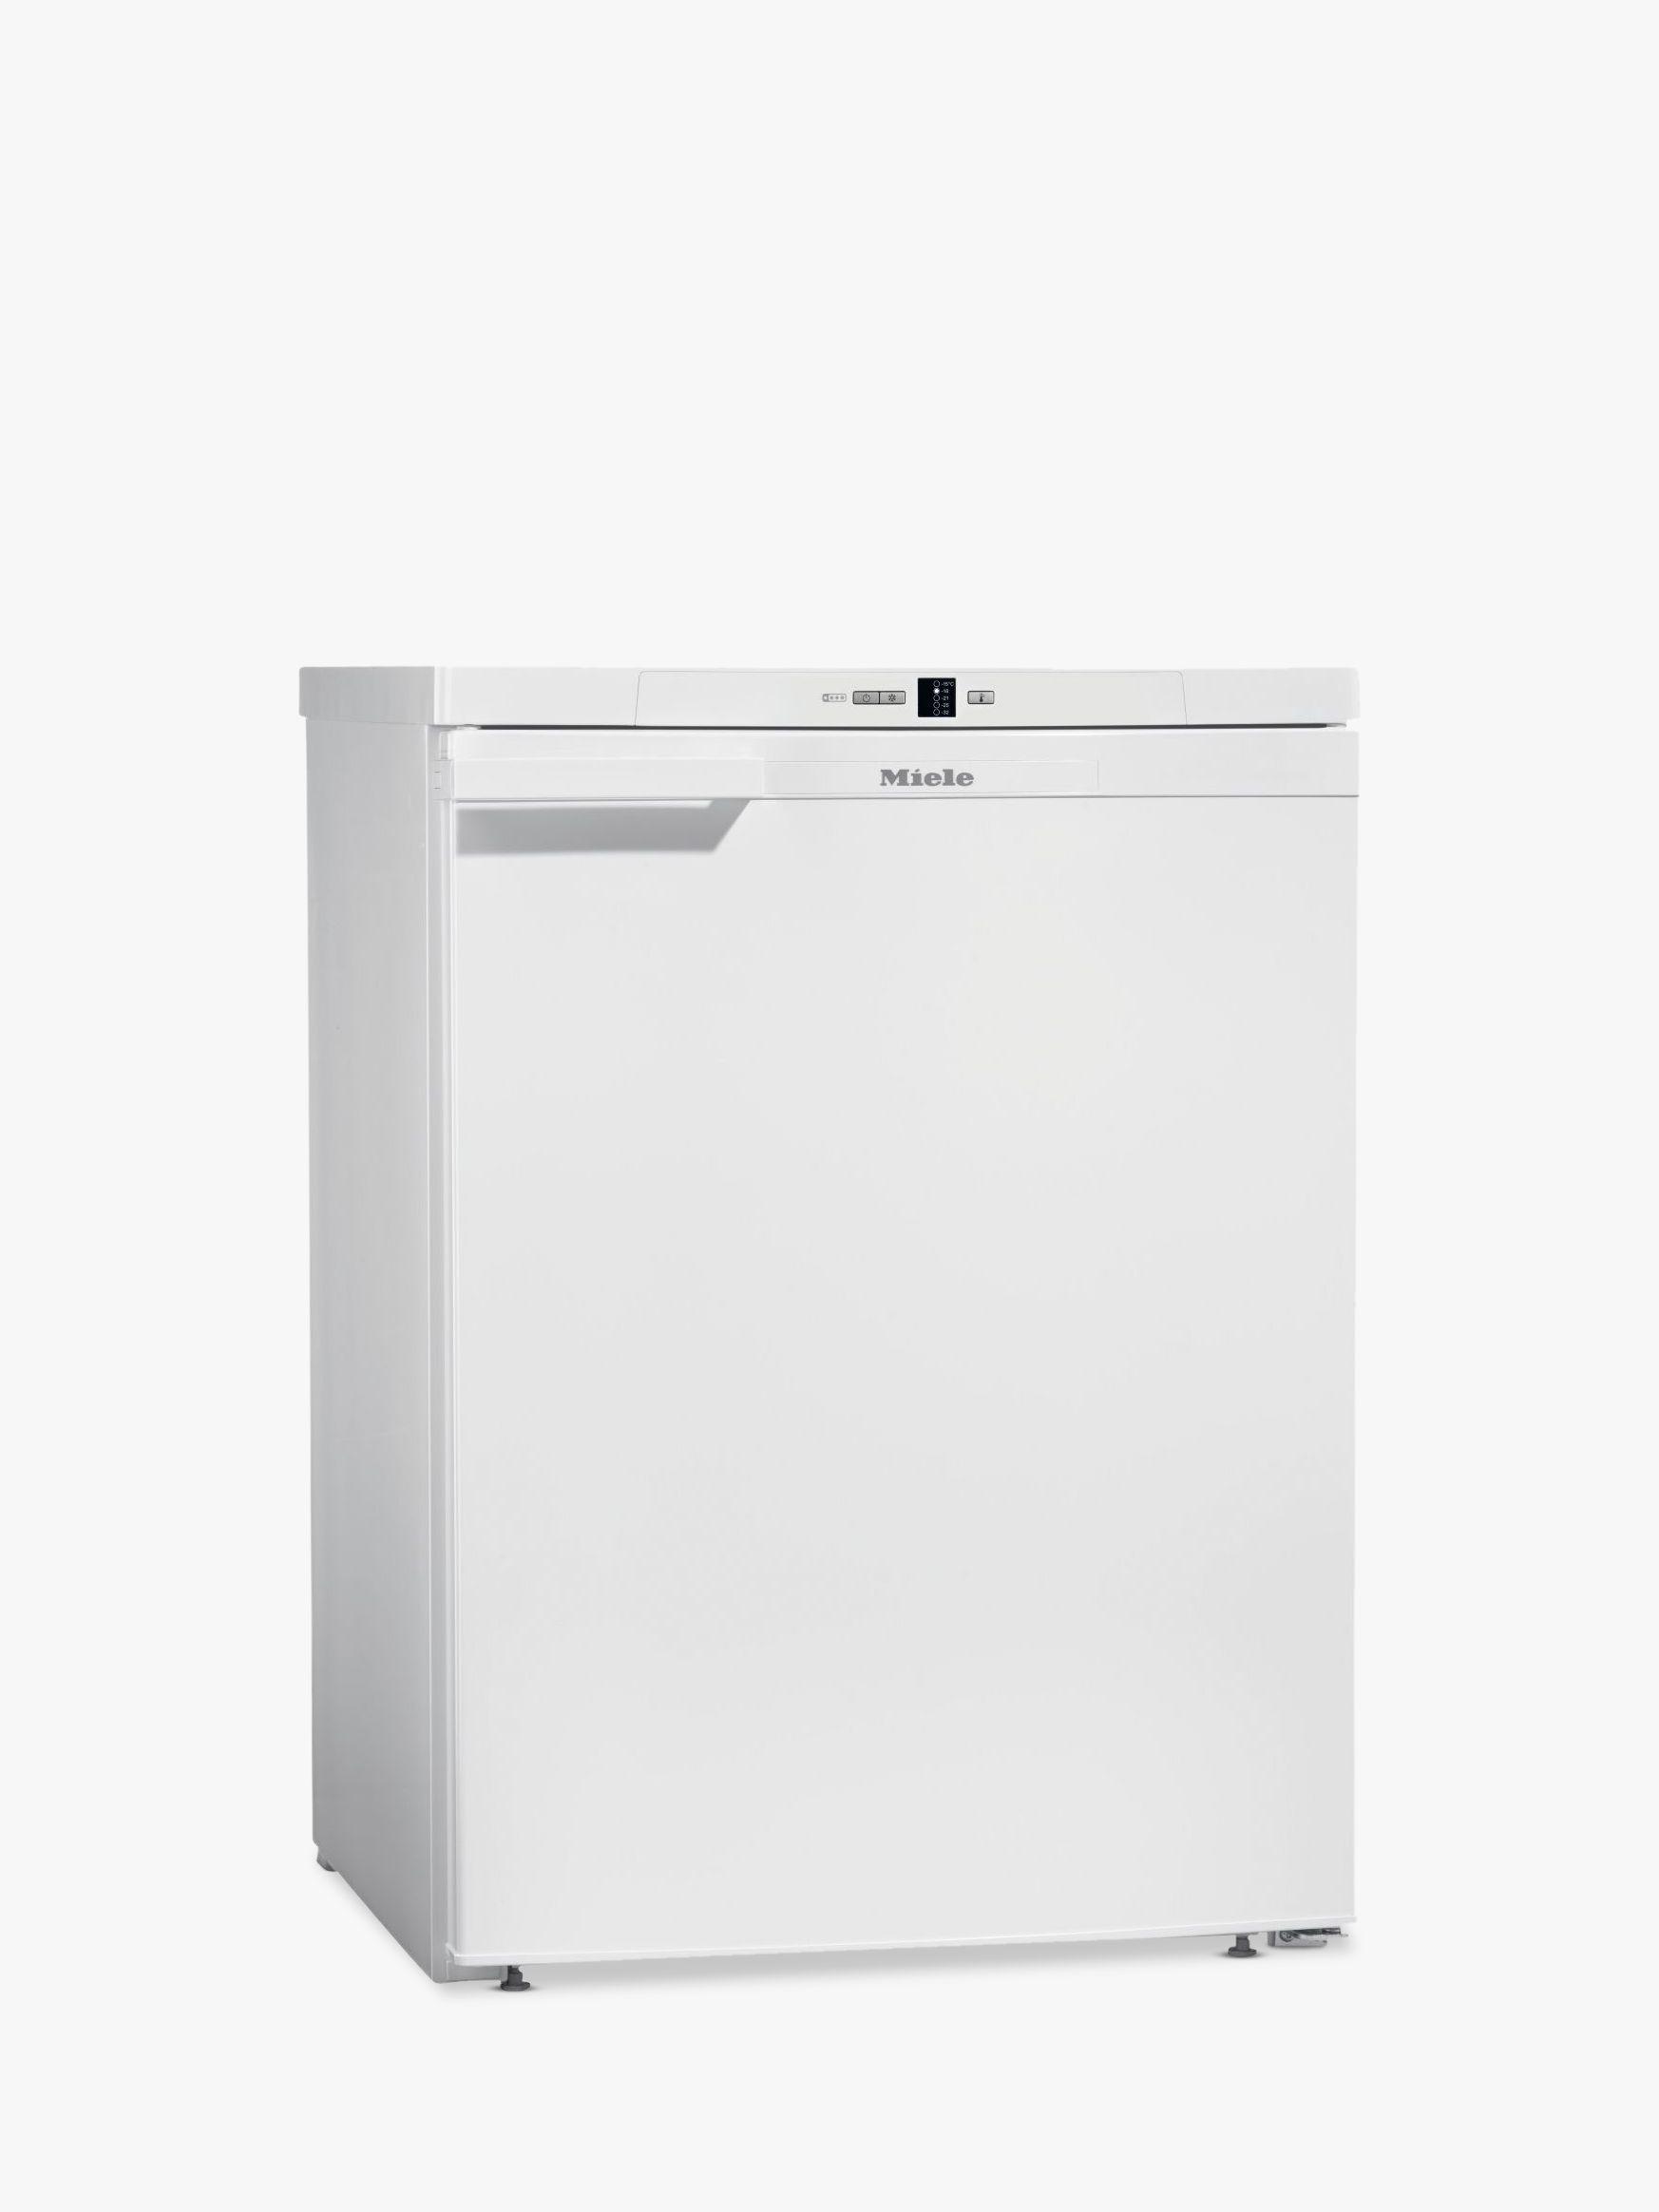 Miele Miele F12011S-1 Freezer, A+ Energy Rating, 55cm Wide, White